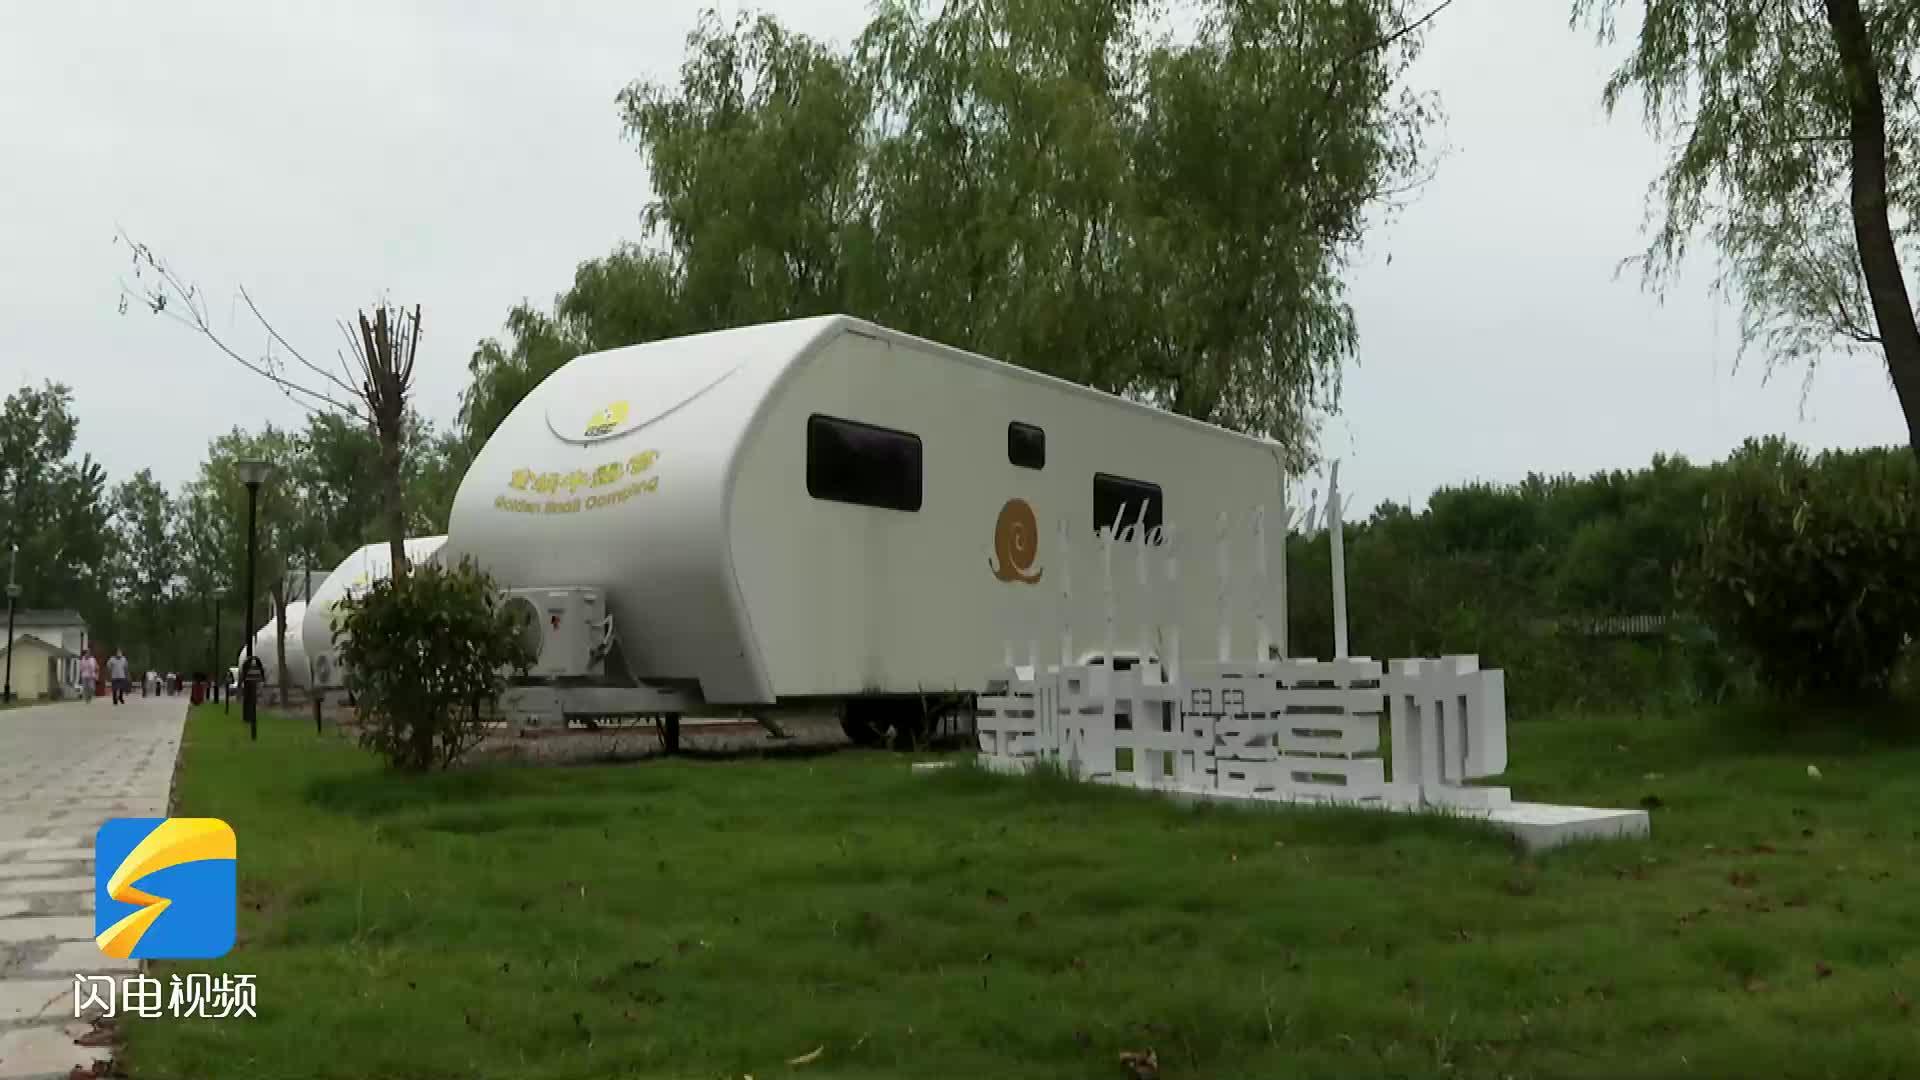 滕州微山湖红荷湿地景区开启露营住宿新形式 总占地面积200亩